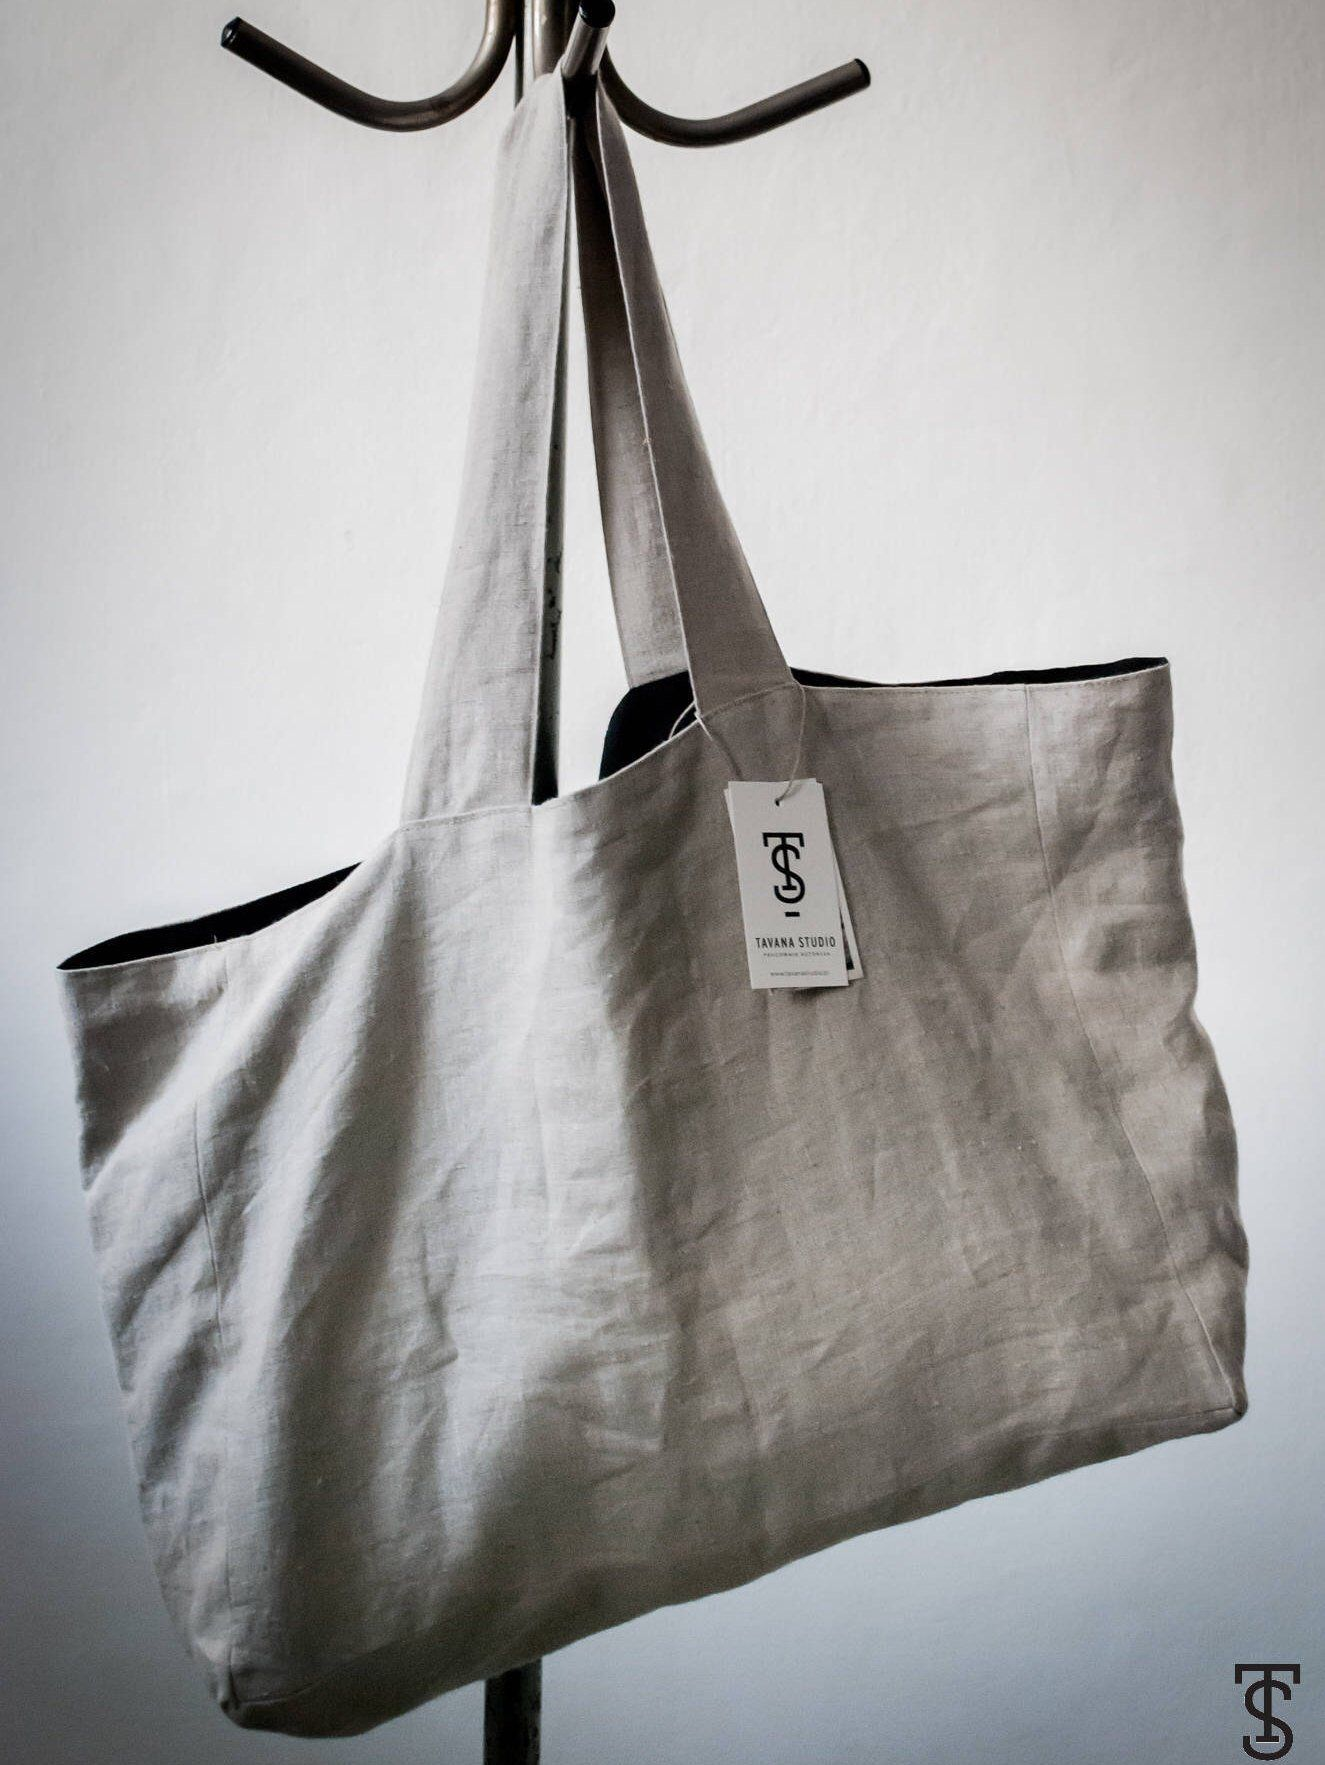 13 colors Linen bag natural oversize bag washed linen shoulder bag weekender sac cabas Large linen tote bag beach shopping bag XL Large bag